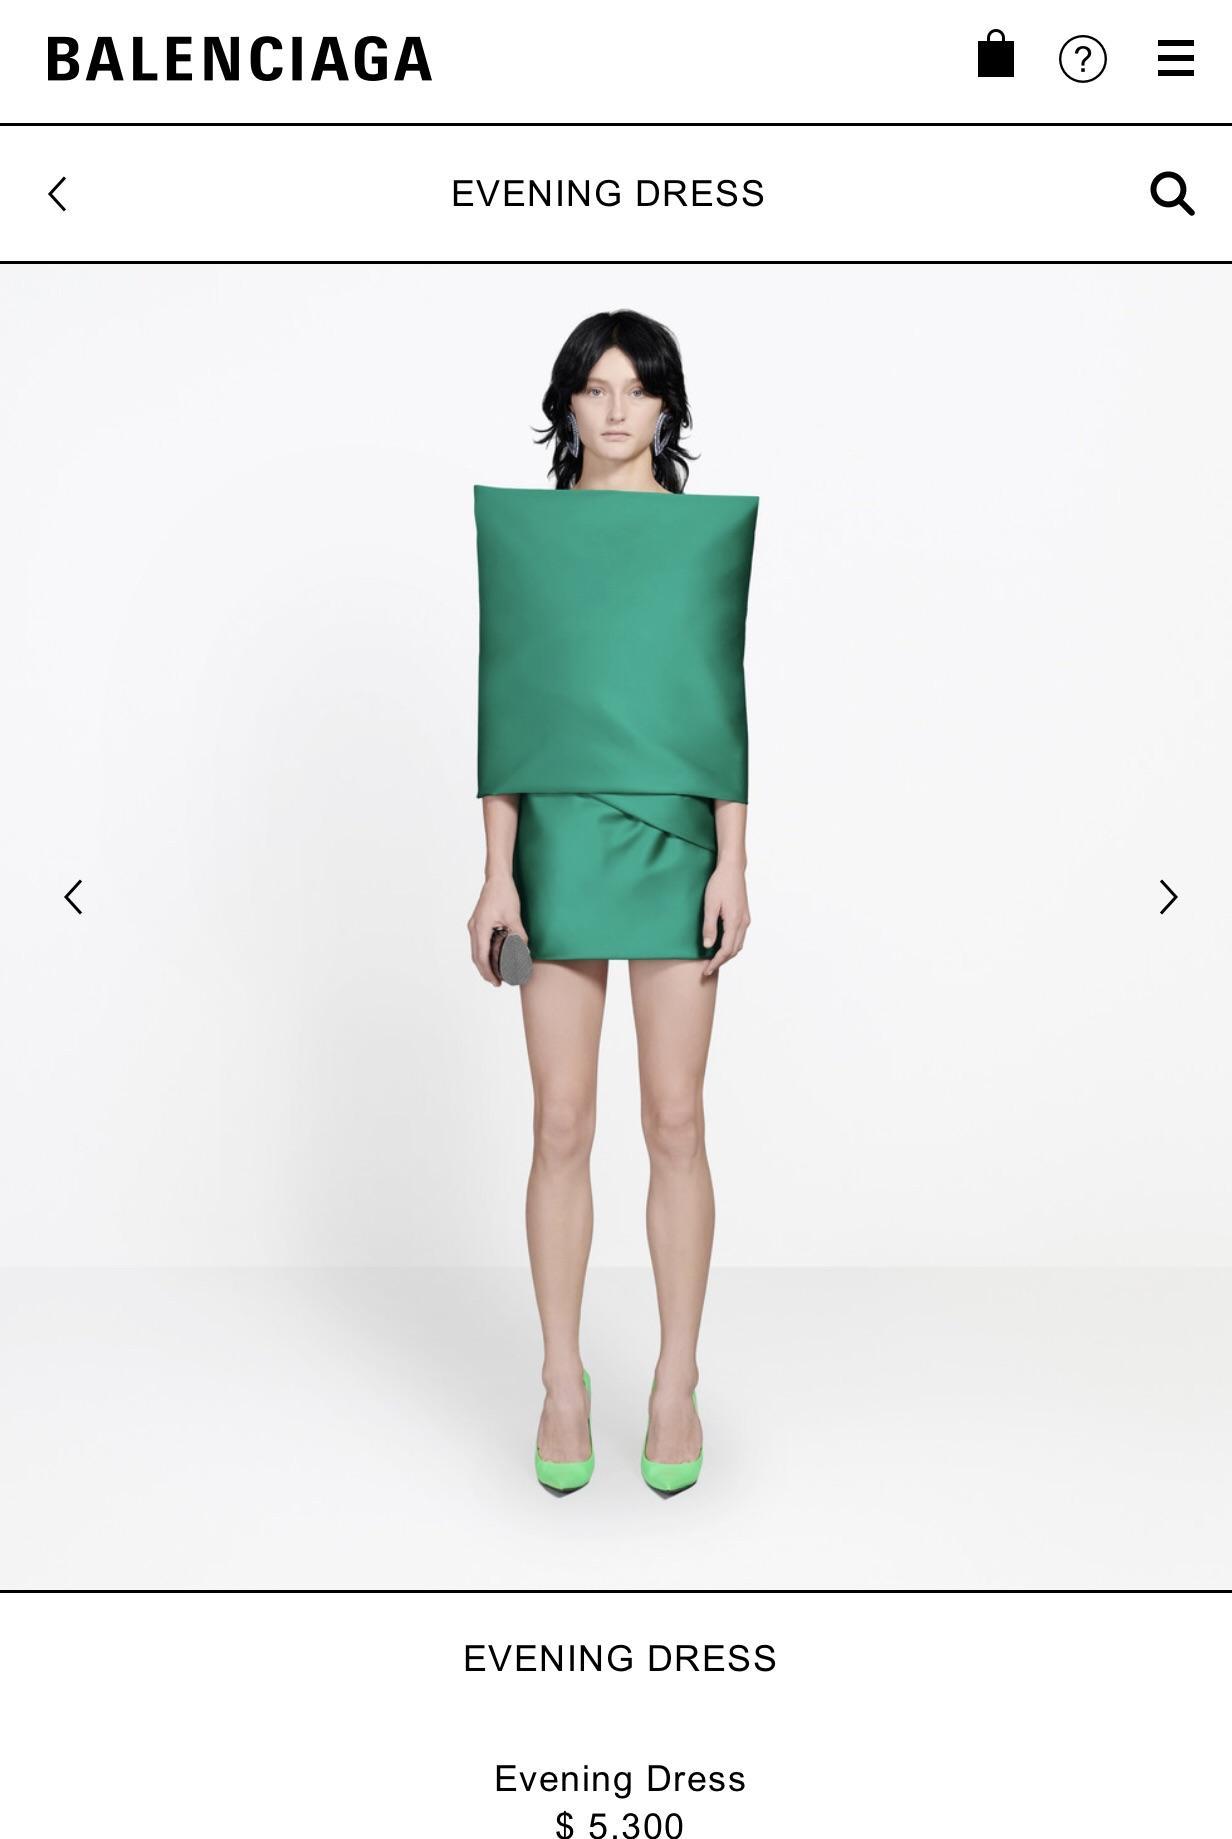 Vestido de 5 mil dólares da Balenciaga